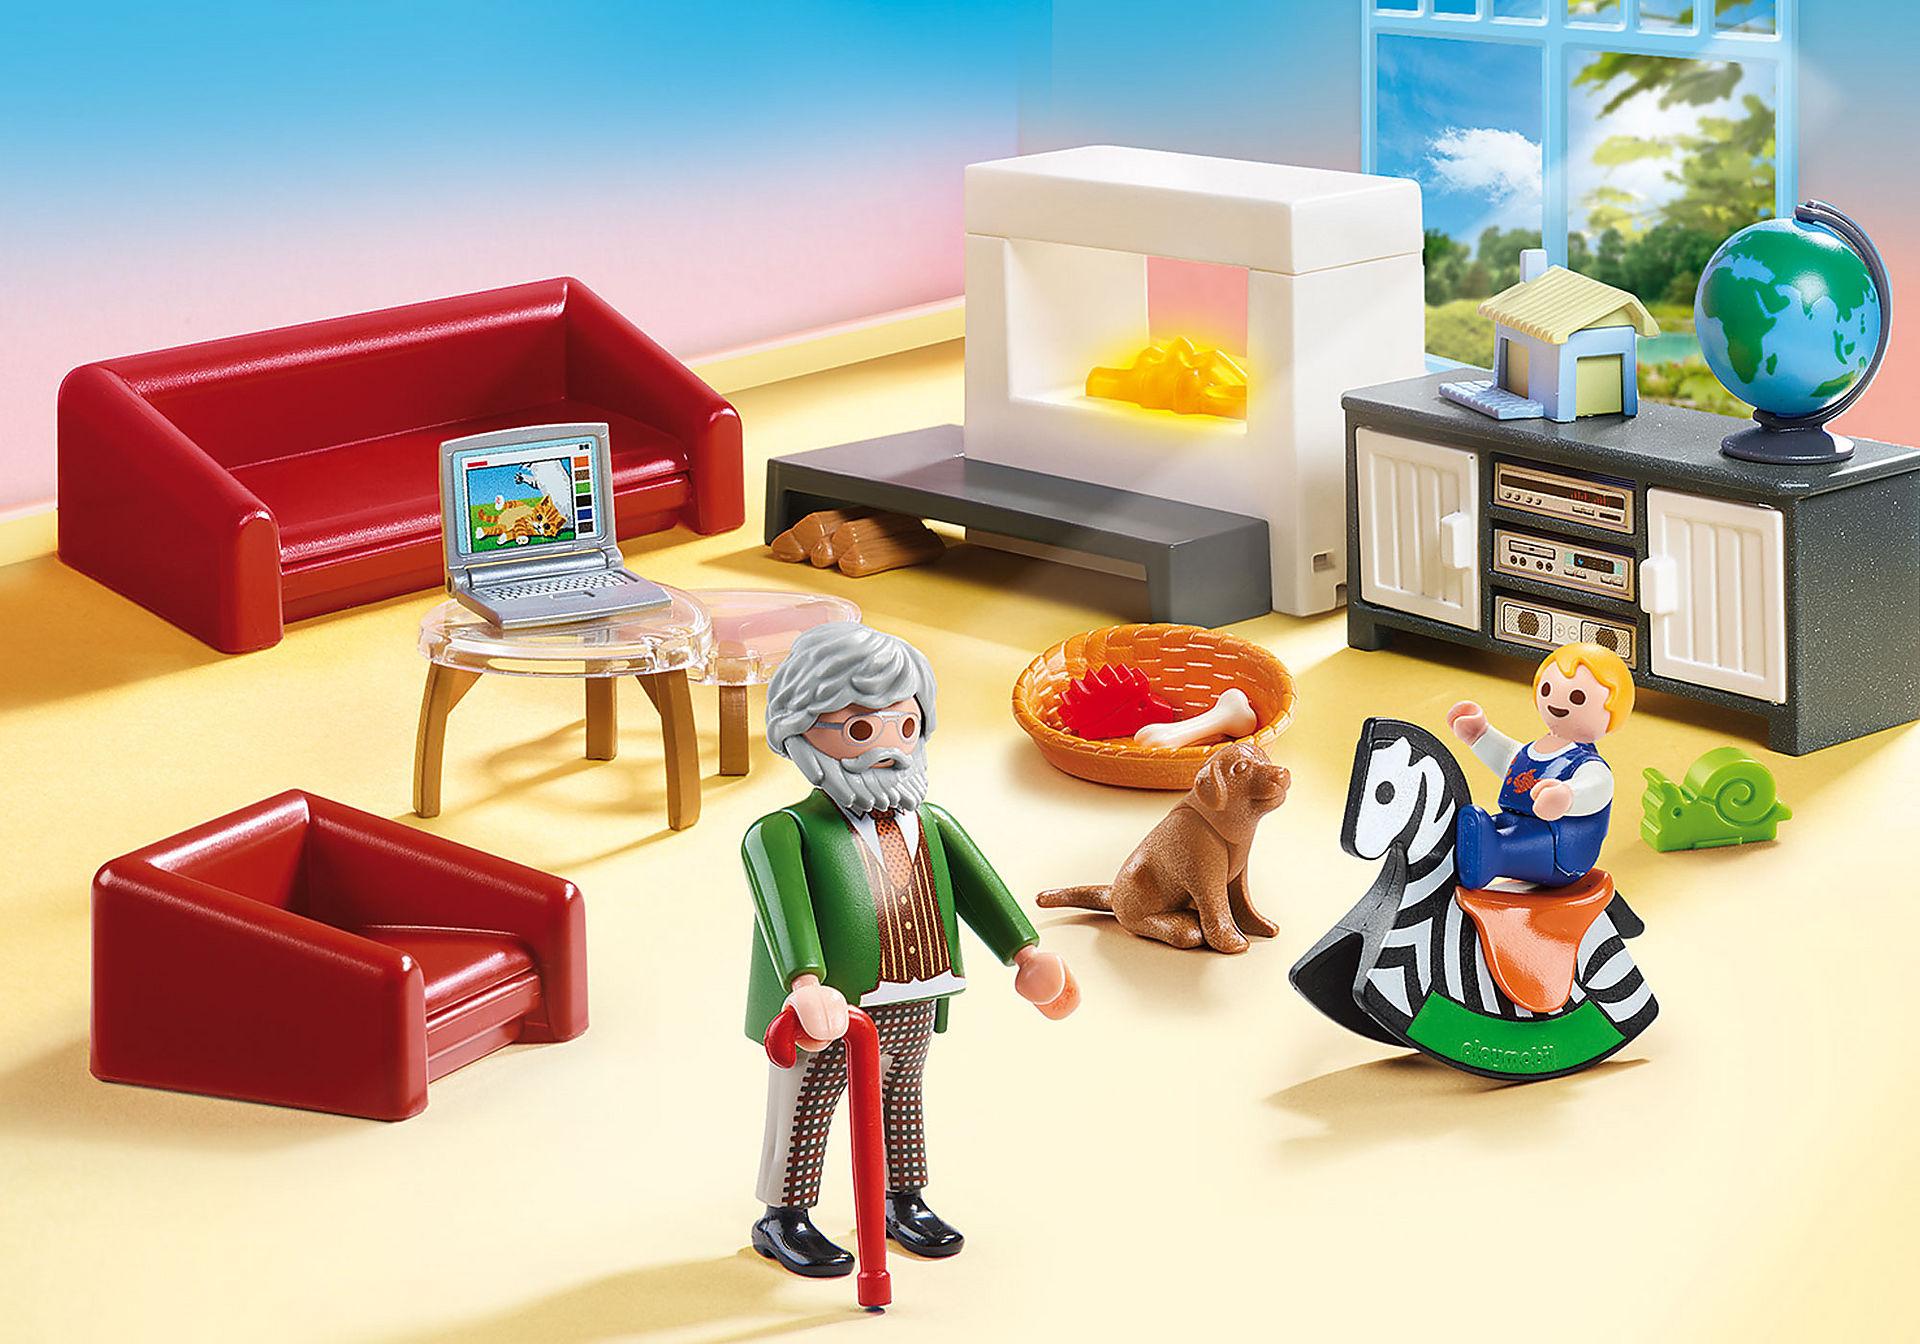 http://media.playmobil.com/i/playmobil/70207_product_detail/Salon avec cheminée